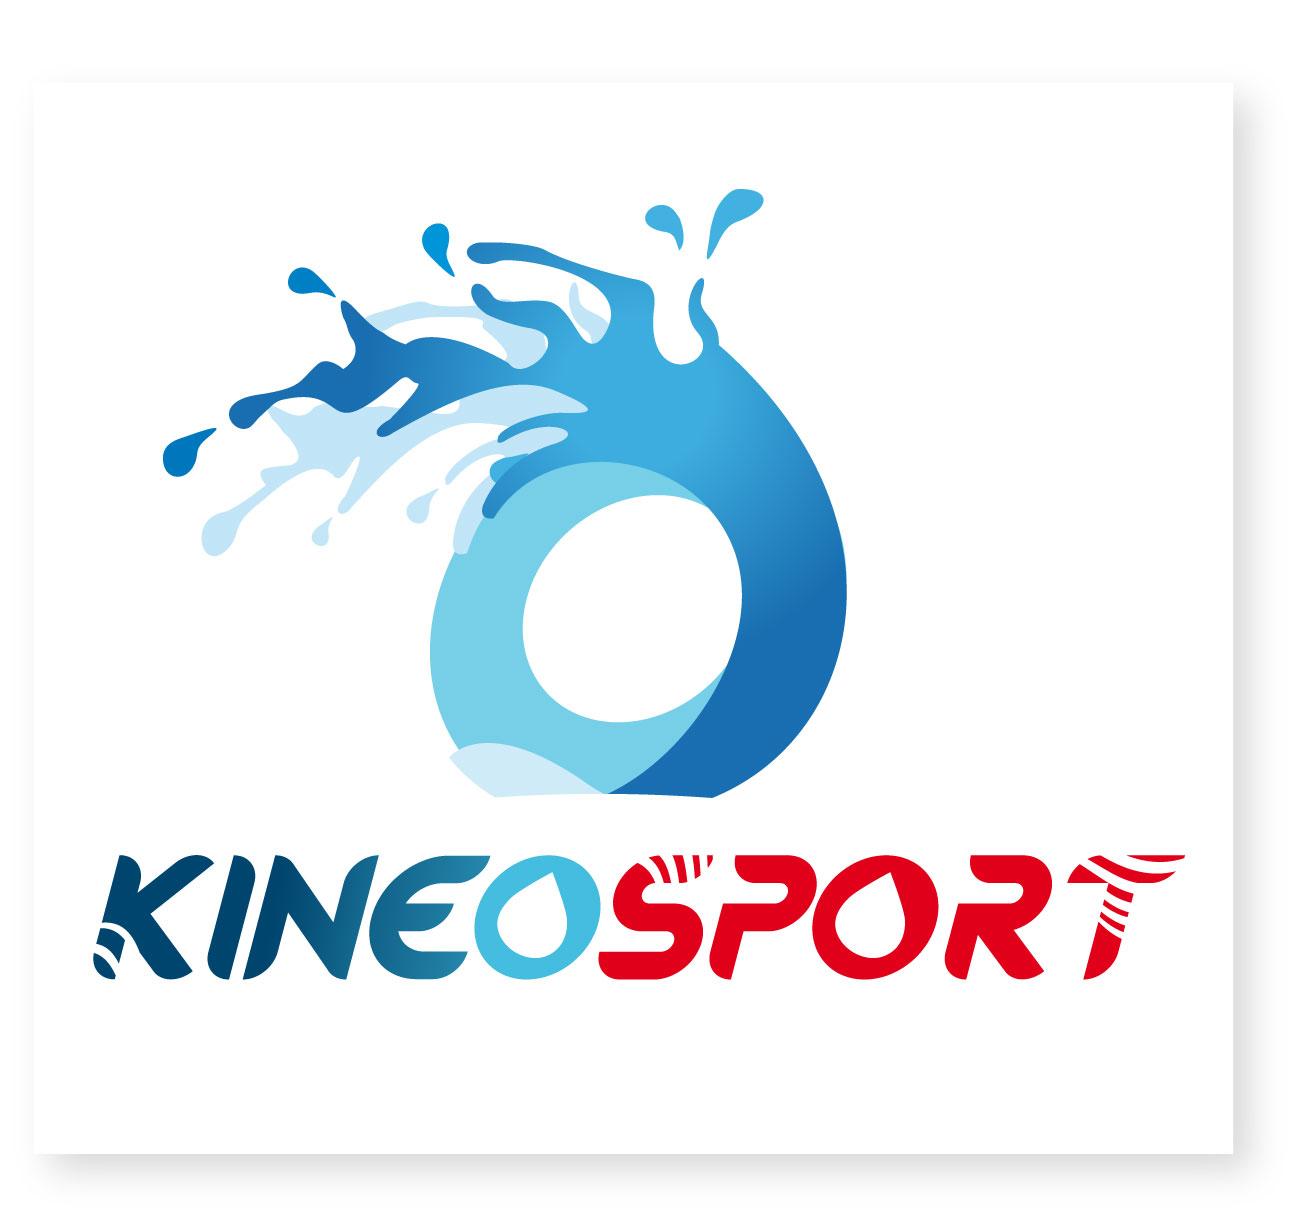 Kineosport Saintes Bâtiment